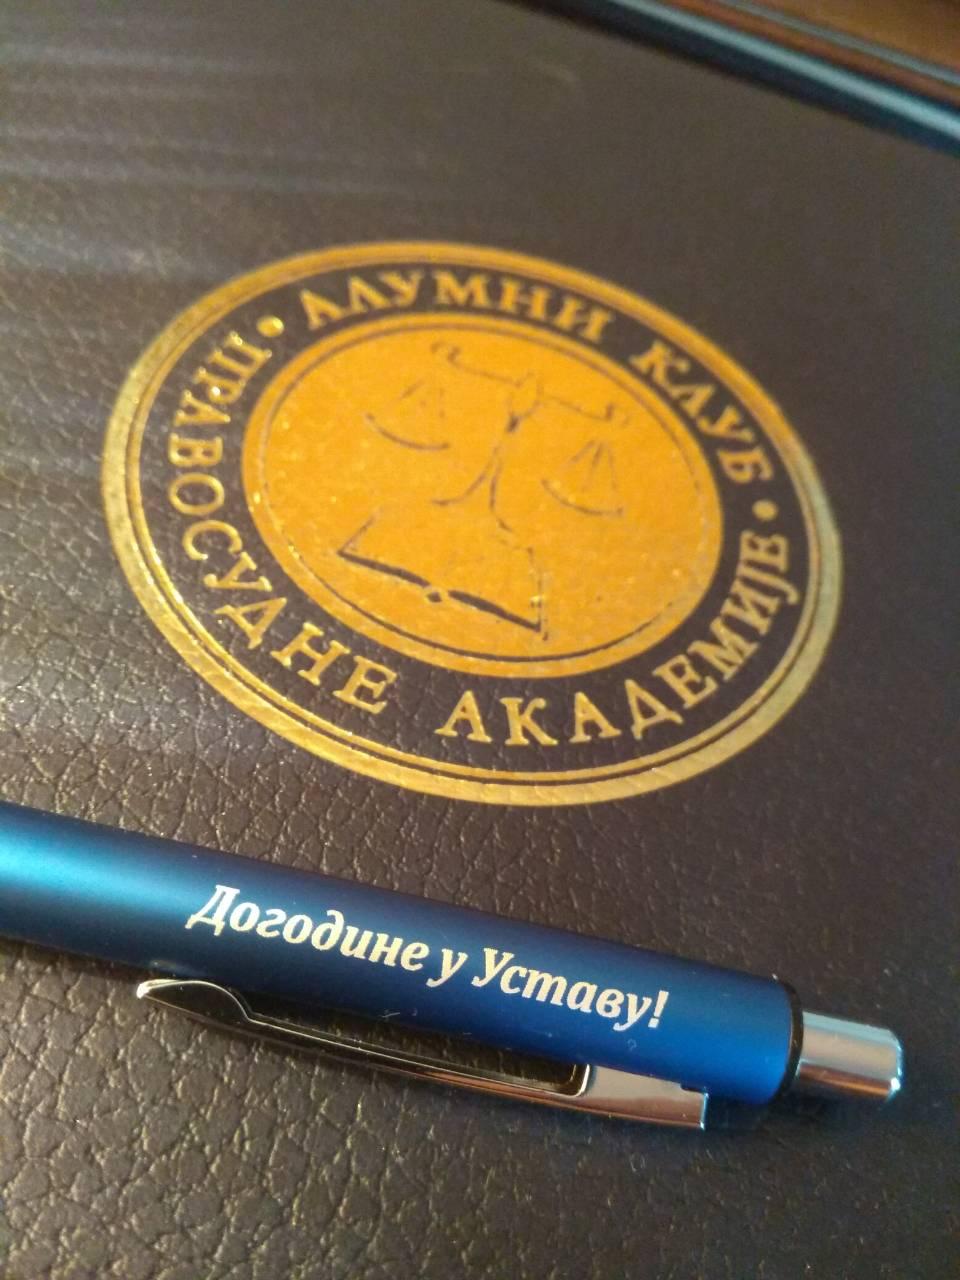 http://www.alumni-pars.rs/wp-content/uploads/2017/10/olovka-plava-1.jpg